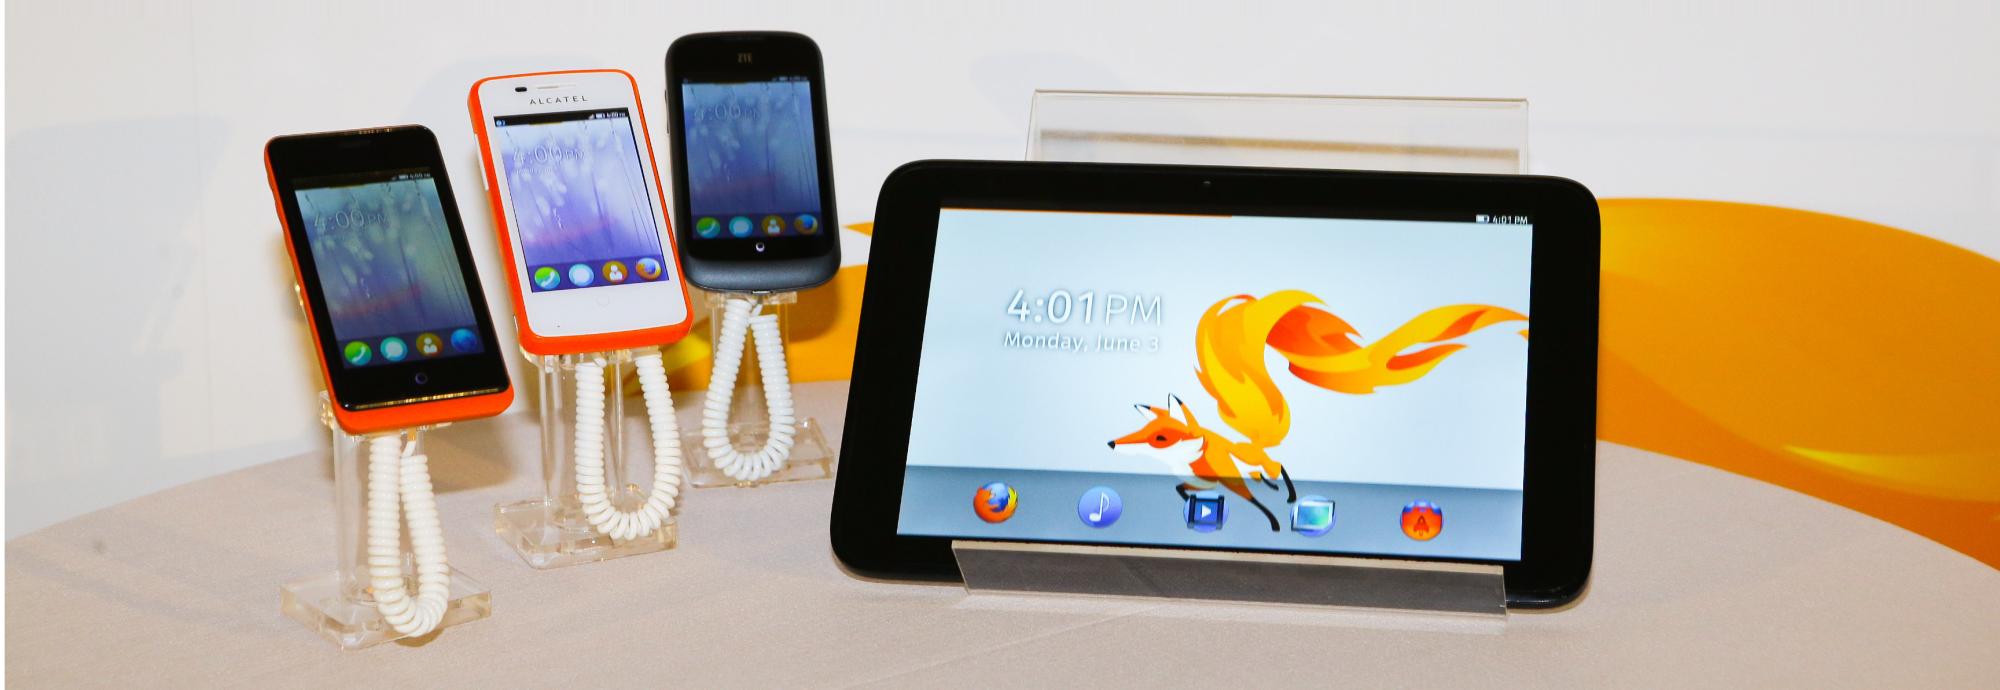 Firefox OS lineup